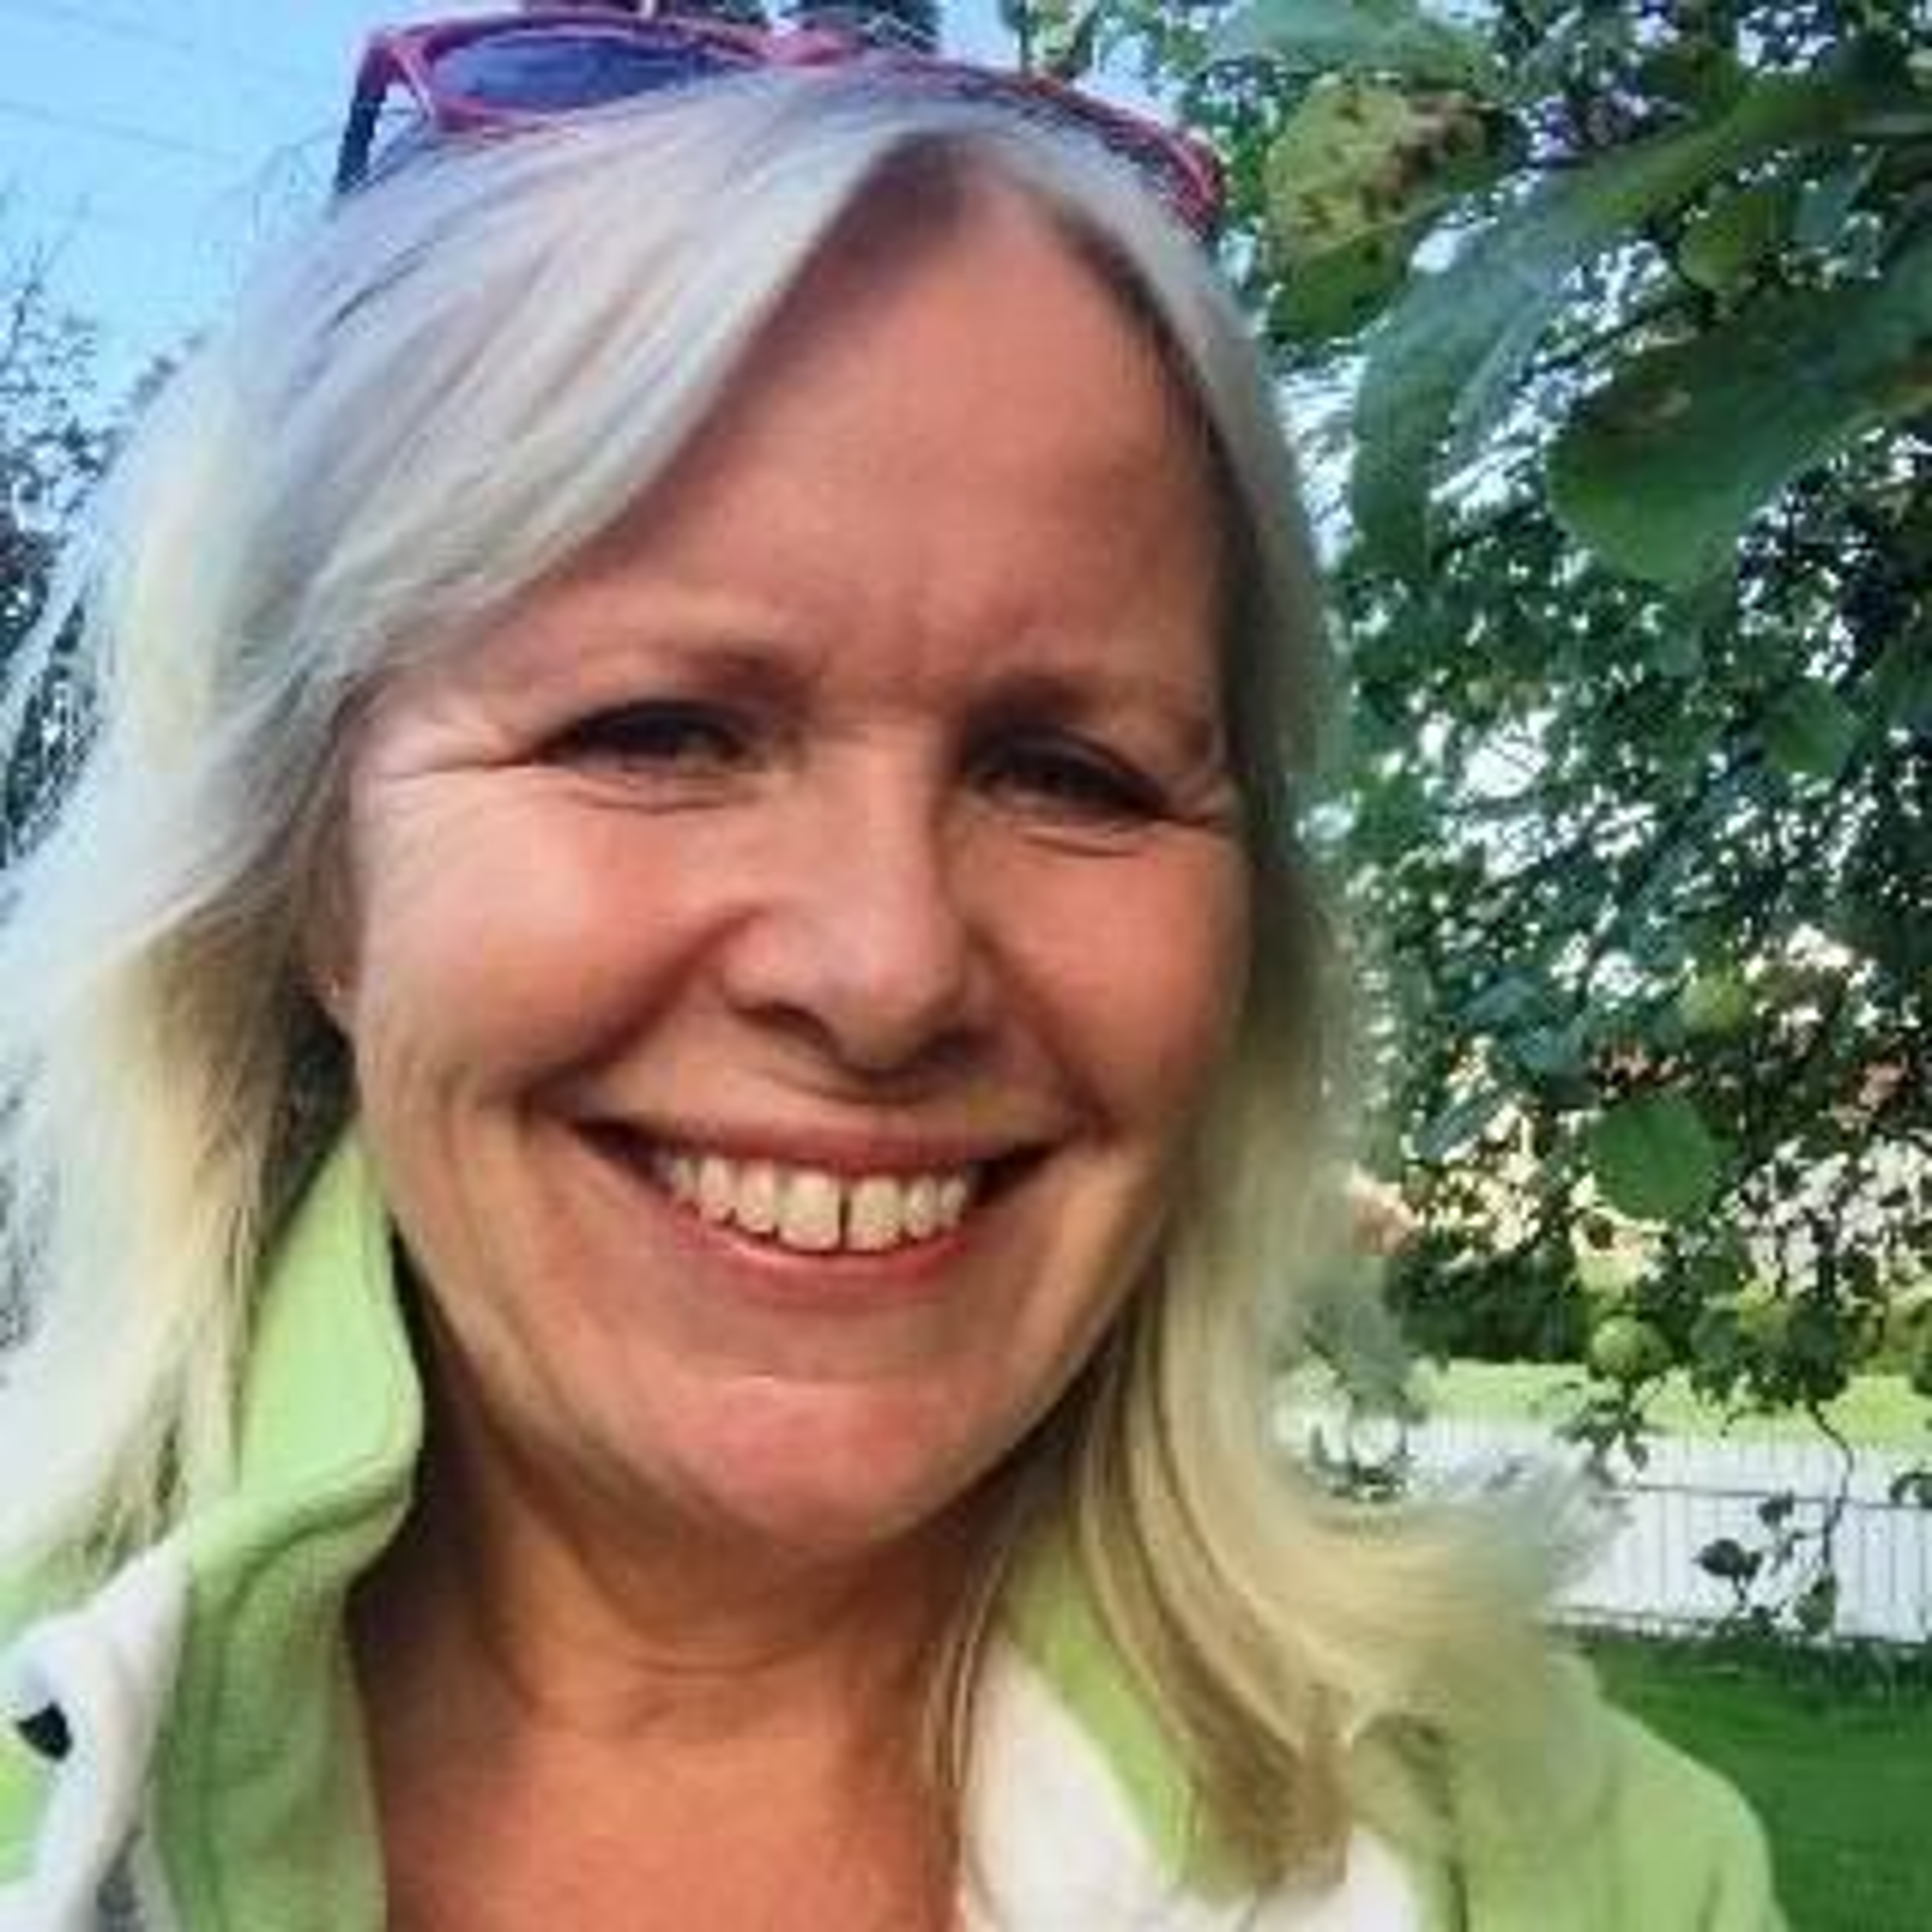 Ansattrepresentnant Nanette Loennechen i Sykehuspartner sier at de ansatte ikke har følt seg hørt.